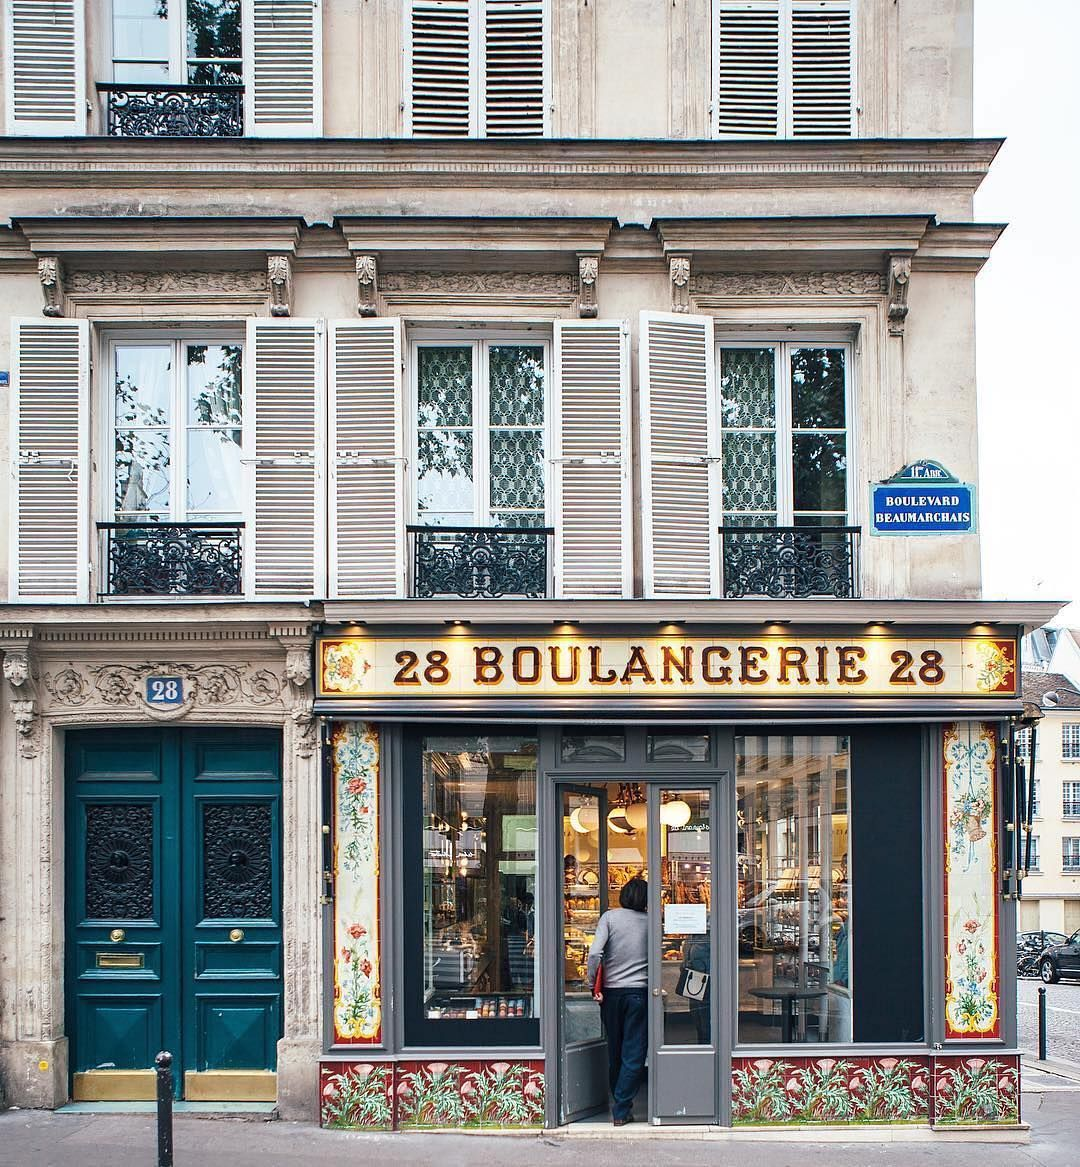 Boulangerie storiche a Parigi 28